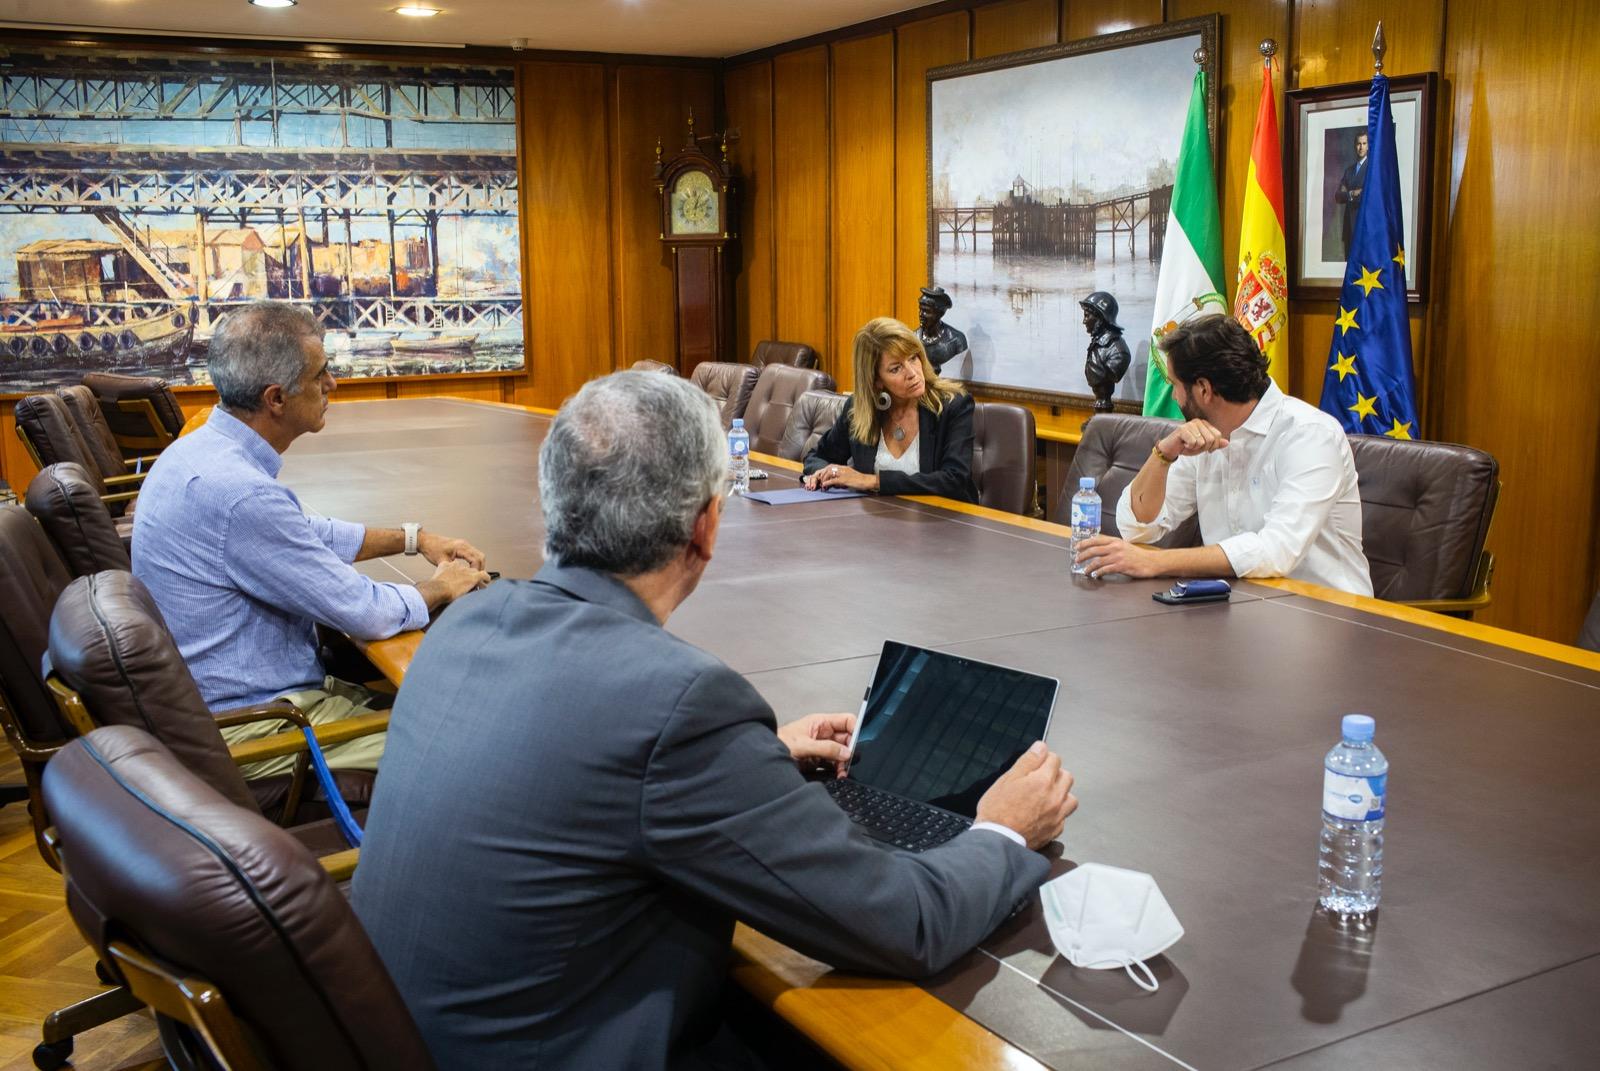 Autoridad Portuaria de Huelva y Cámara de Comercio impulsan líneas de colaboración conjunta